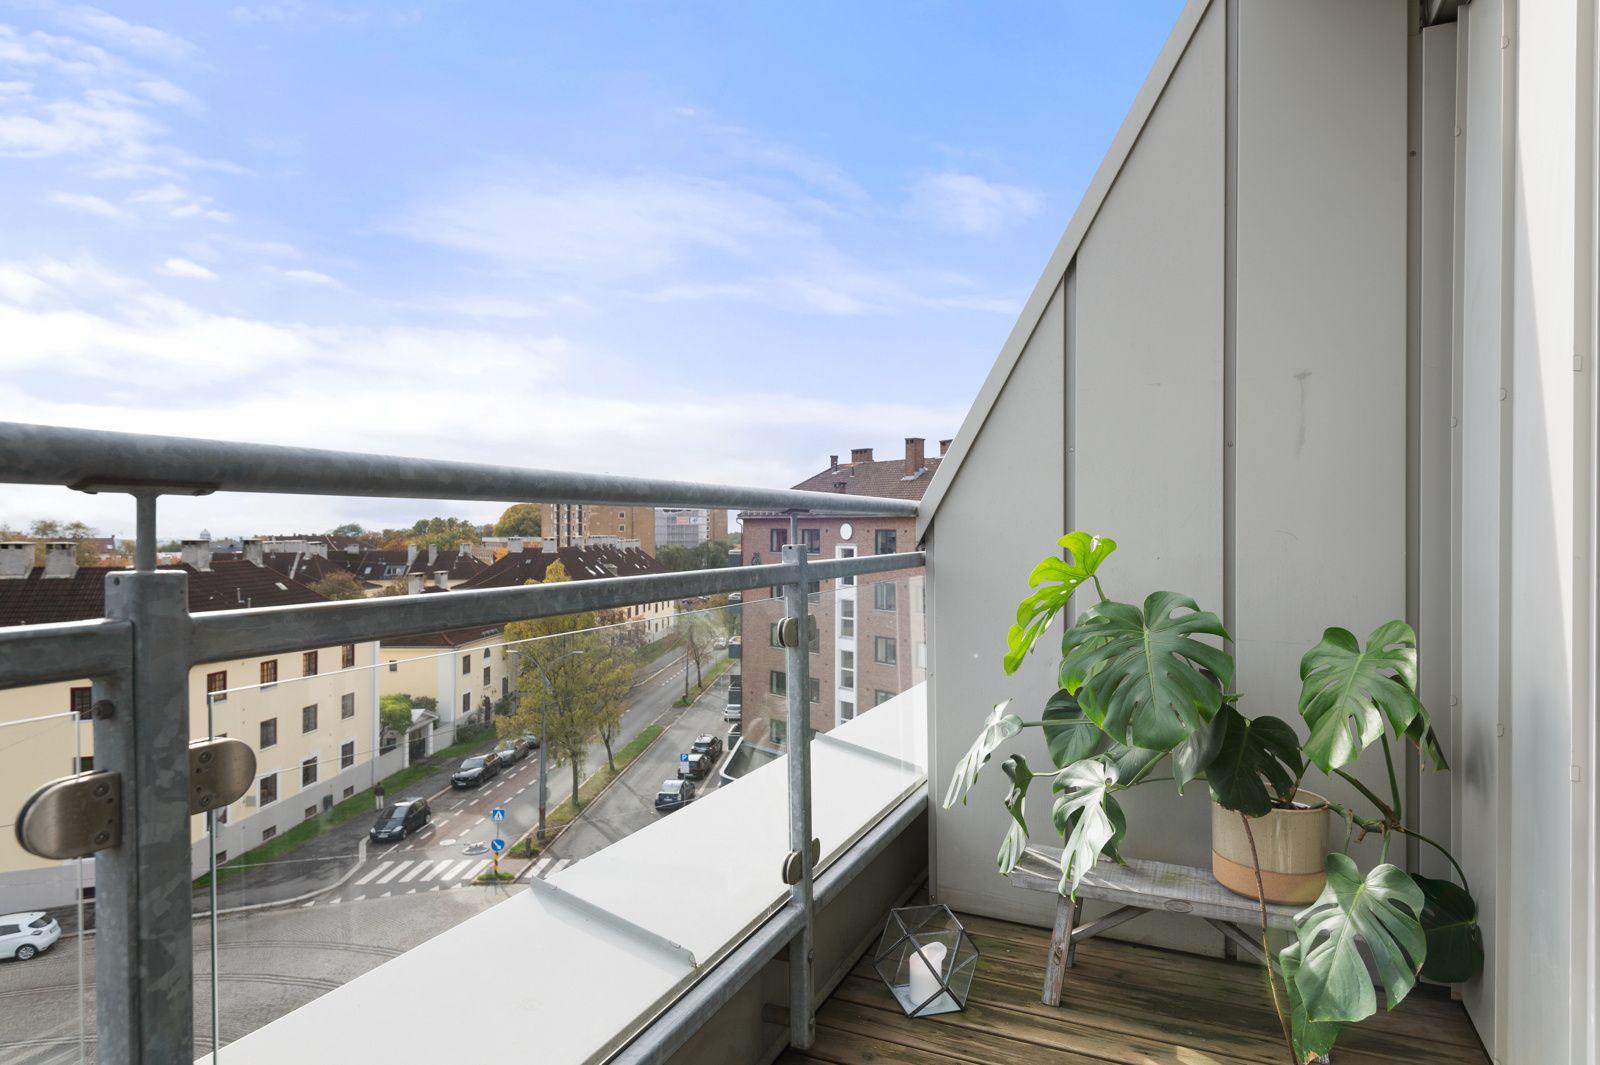 Bergensgata 36 G Balkongen har terrassebord på gulv, rekkverk av metall og plass til sittegruppe etter eget ønske og behov.